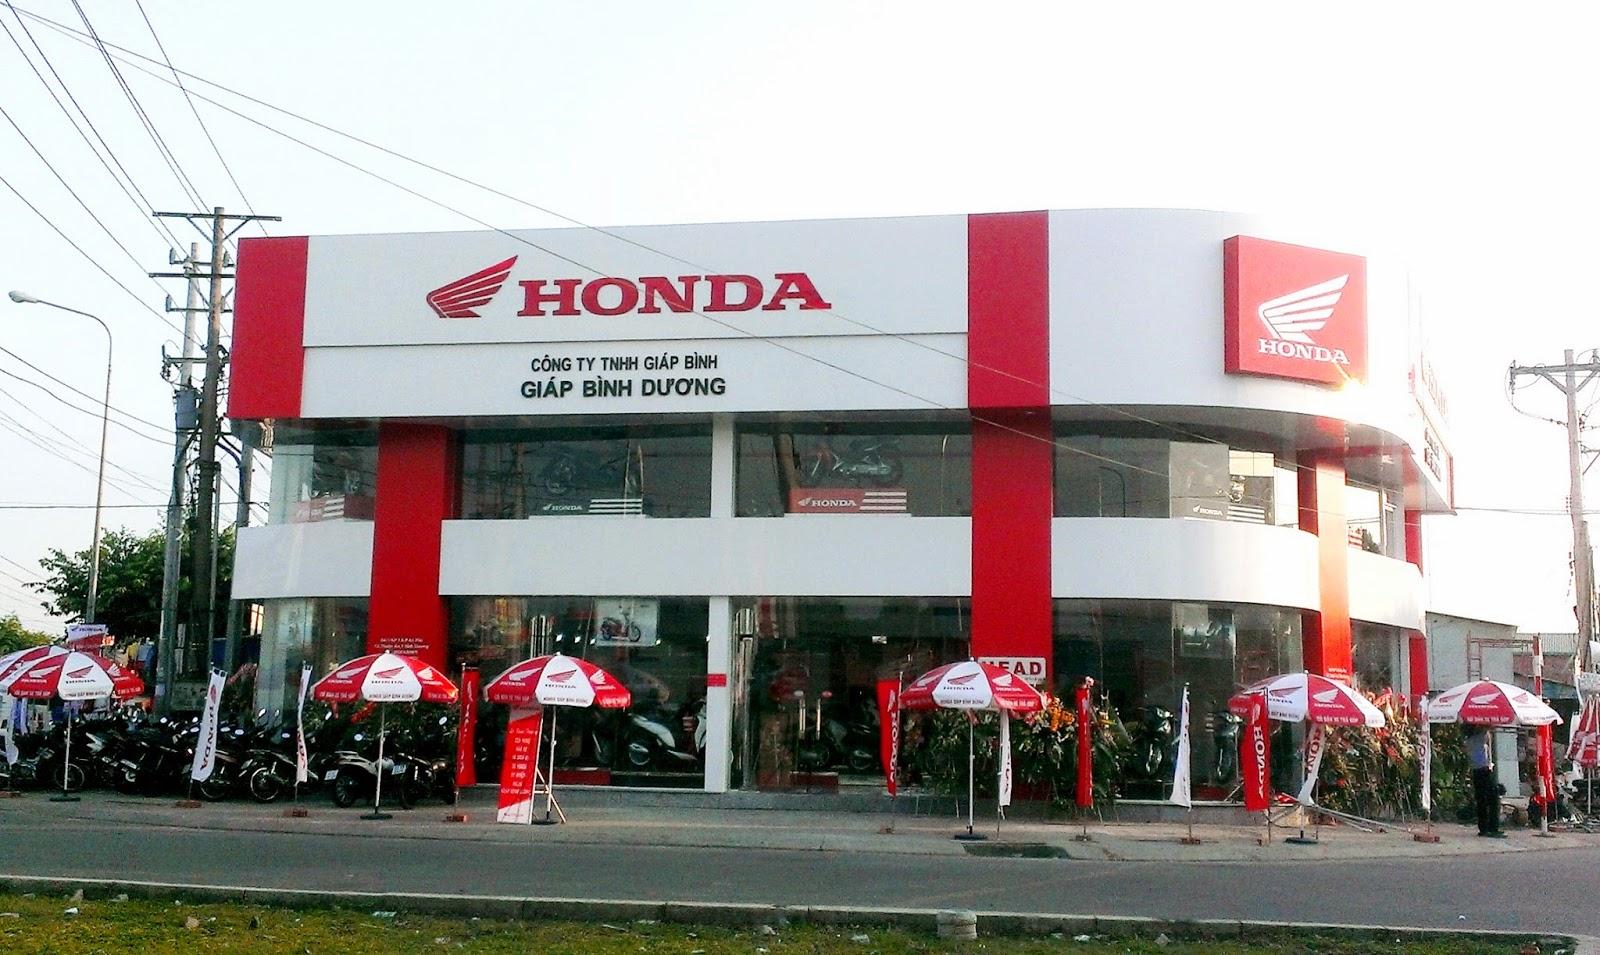 Mua xe trả góp - Bình Dương - Tây Ninh: Danh sách các cửa hàng có dịch vụ  HDFINANCE tại Bình Dương